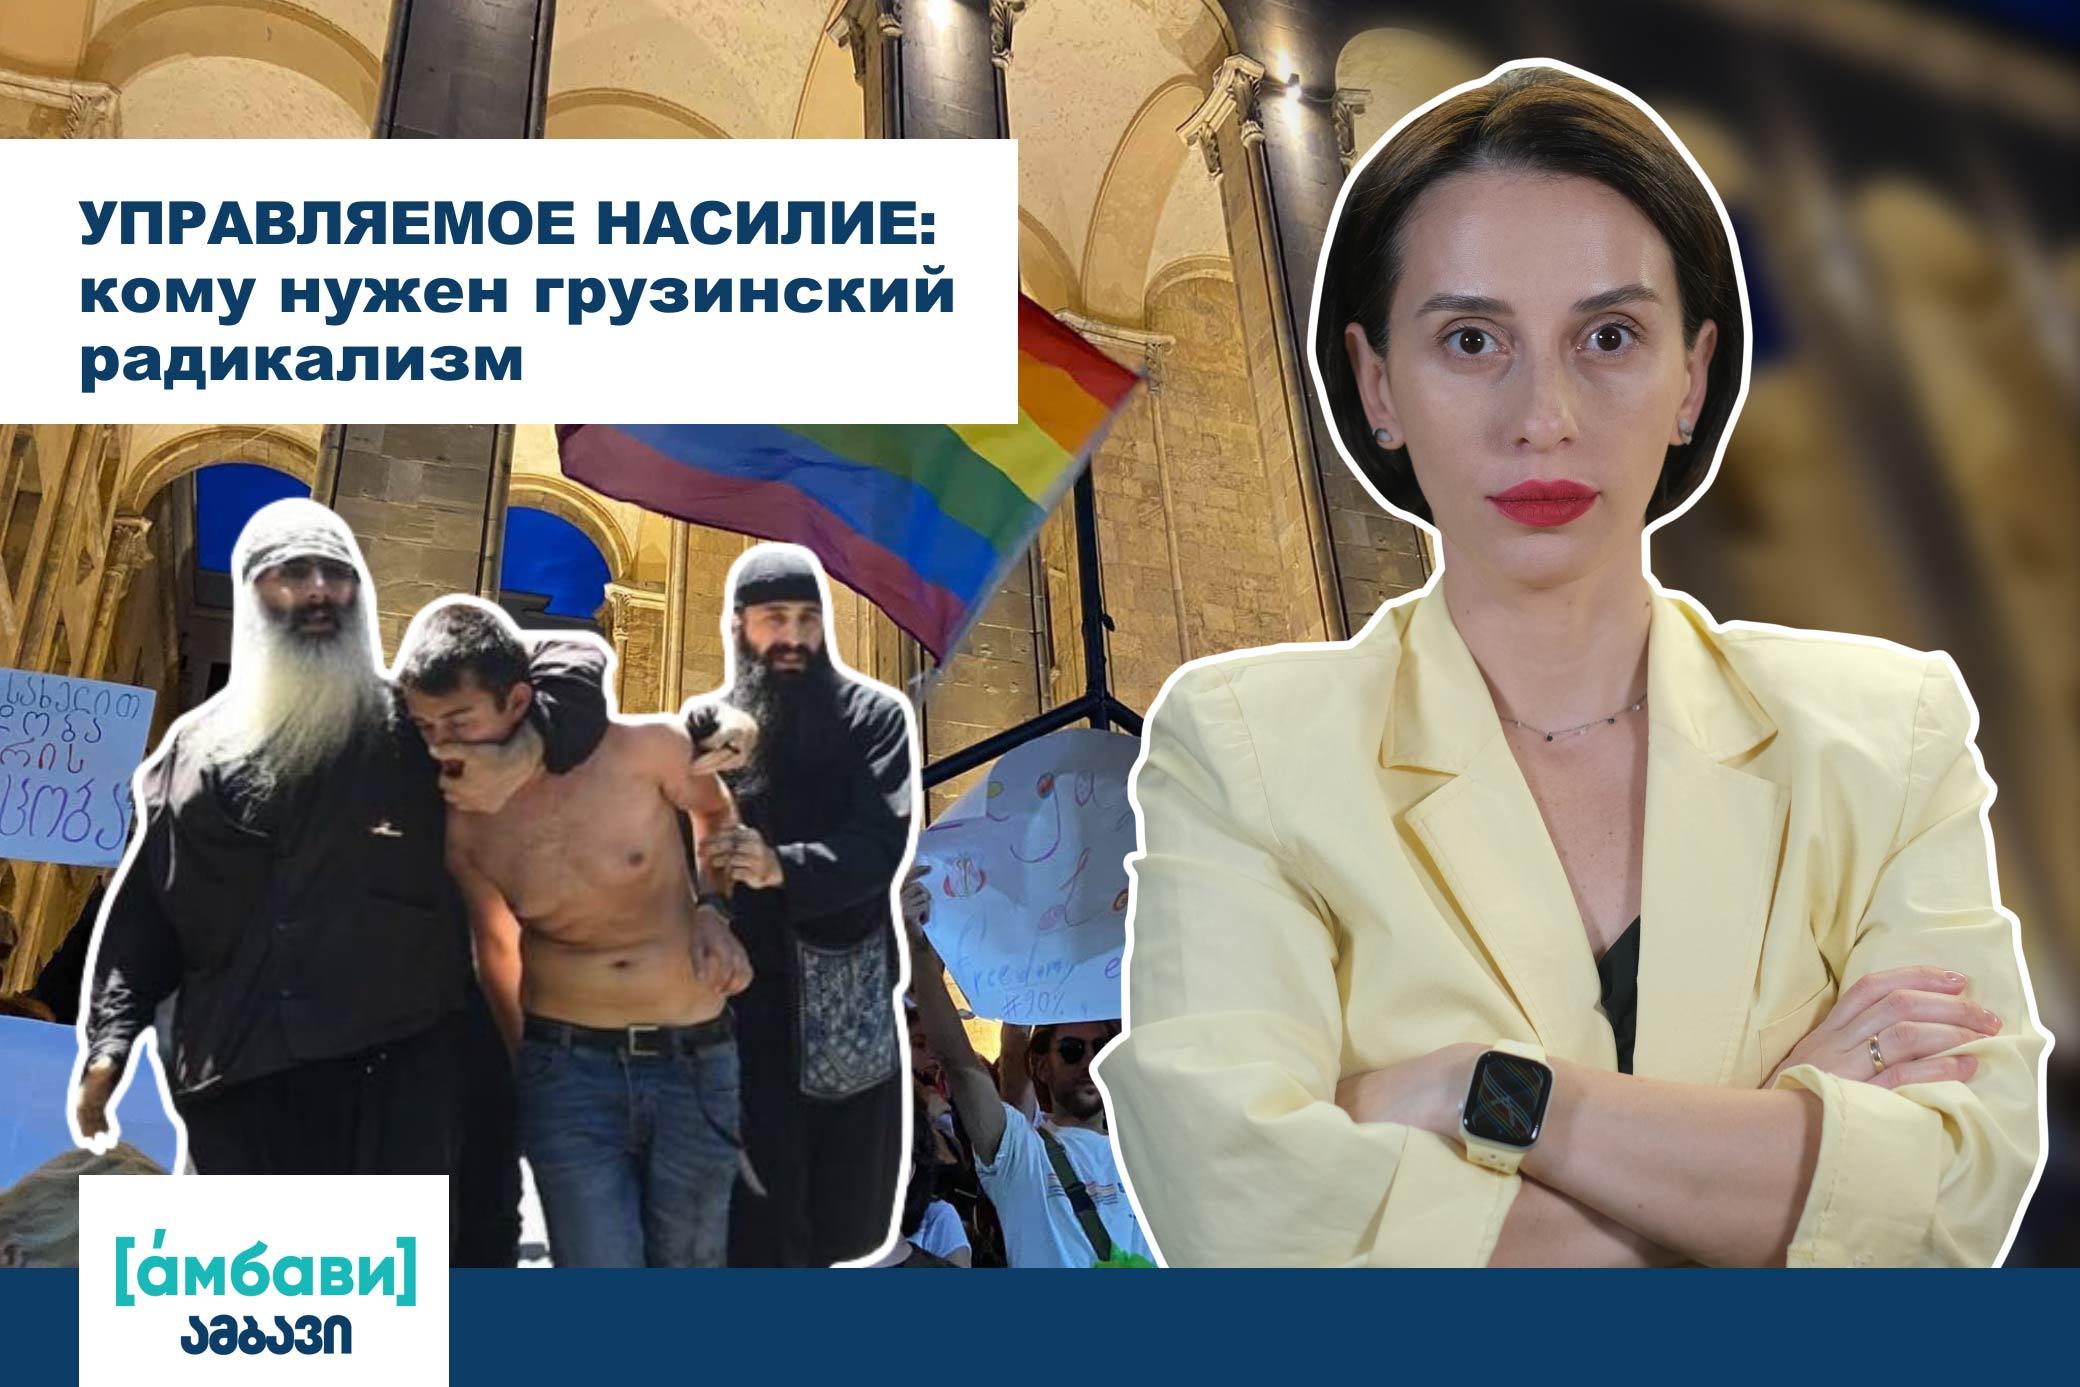 [áмбави]Управляемое насилие: кому нужен грузинский радикализм